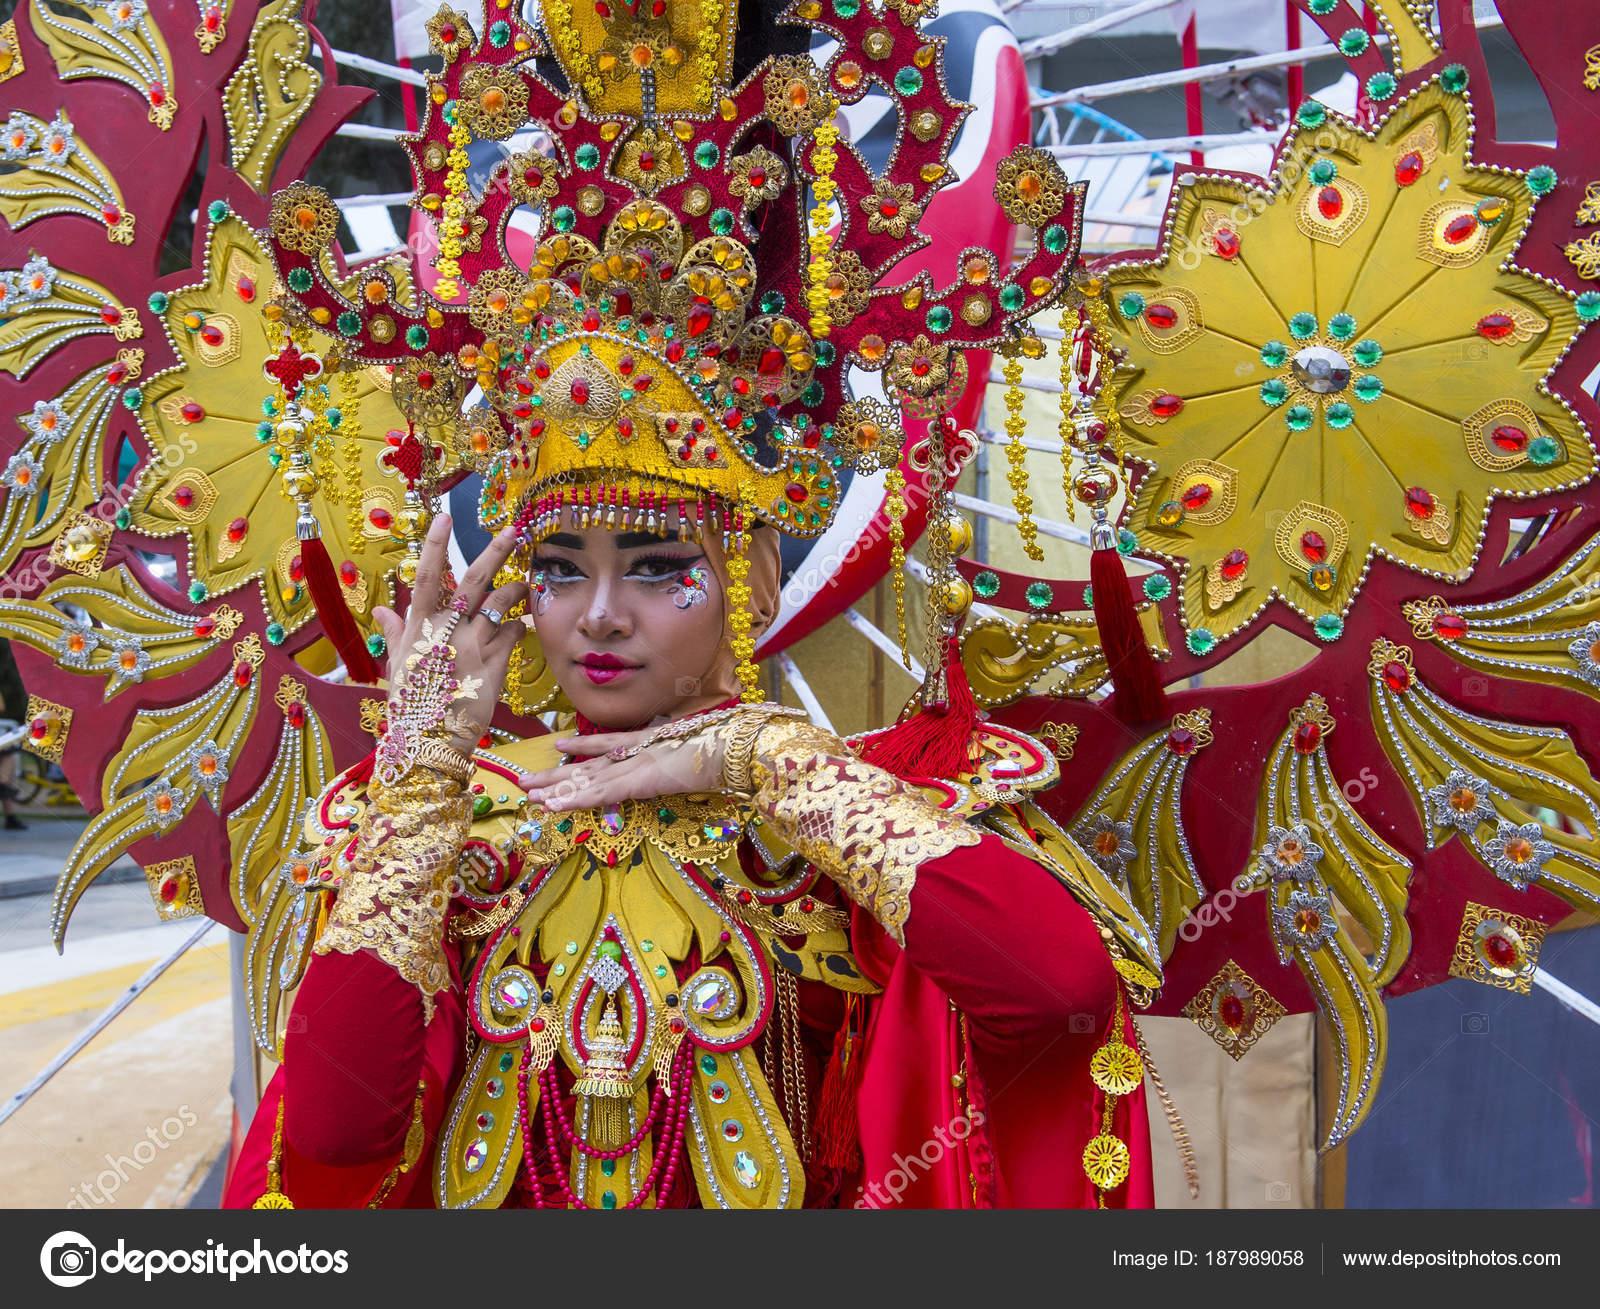 2018 Chingay Parade Foto Editorial De Stock C Kobbydagan 187989058